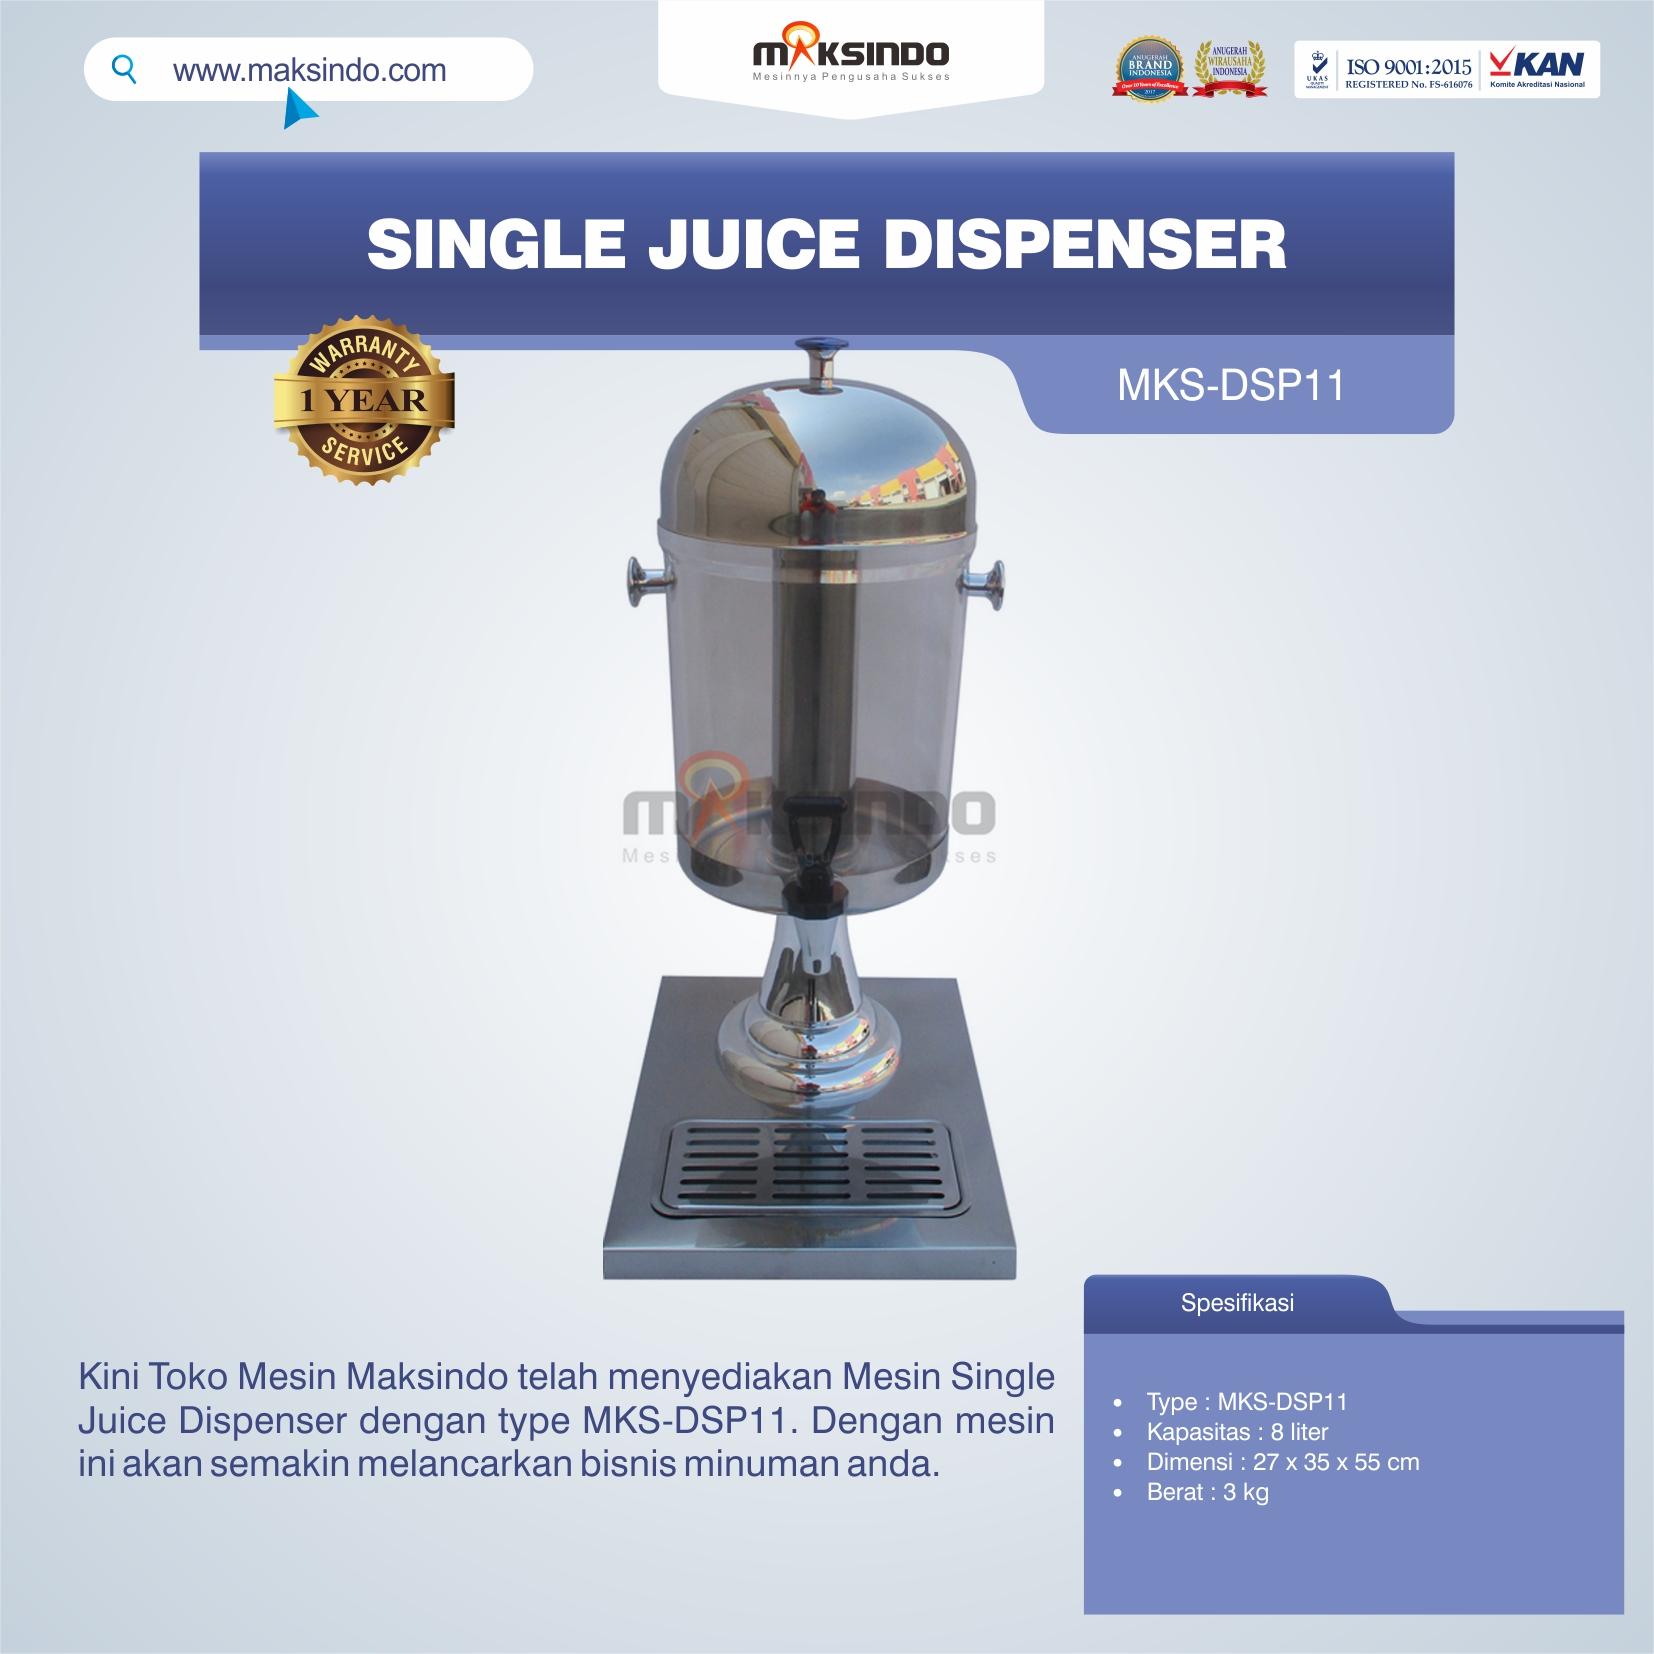 Jual Single Juice Dispenser MKS-DSP11 di Bekasi